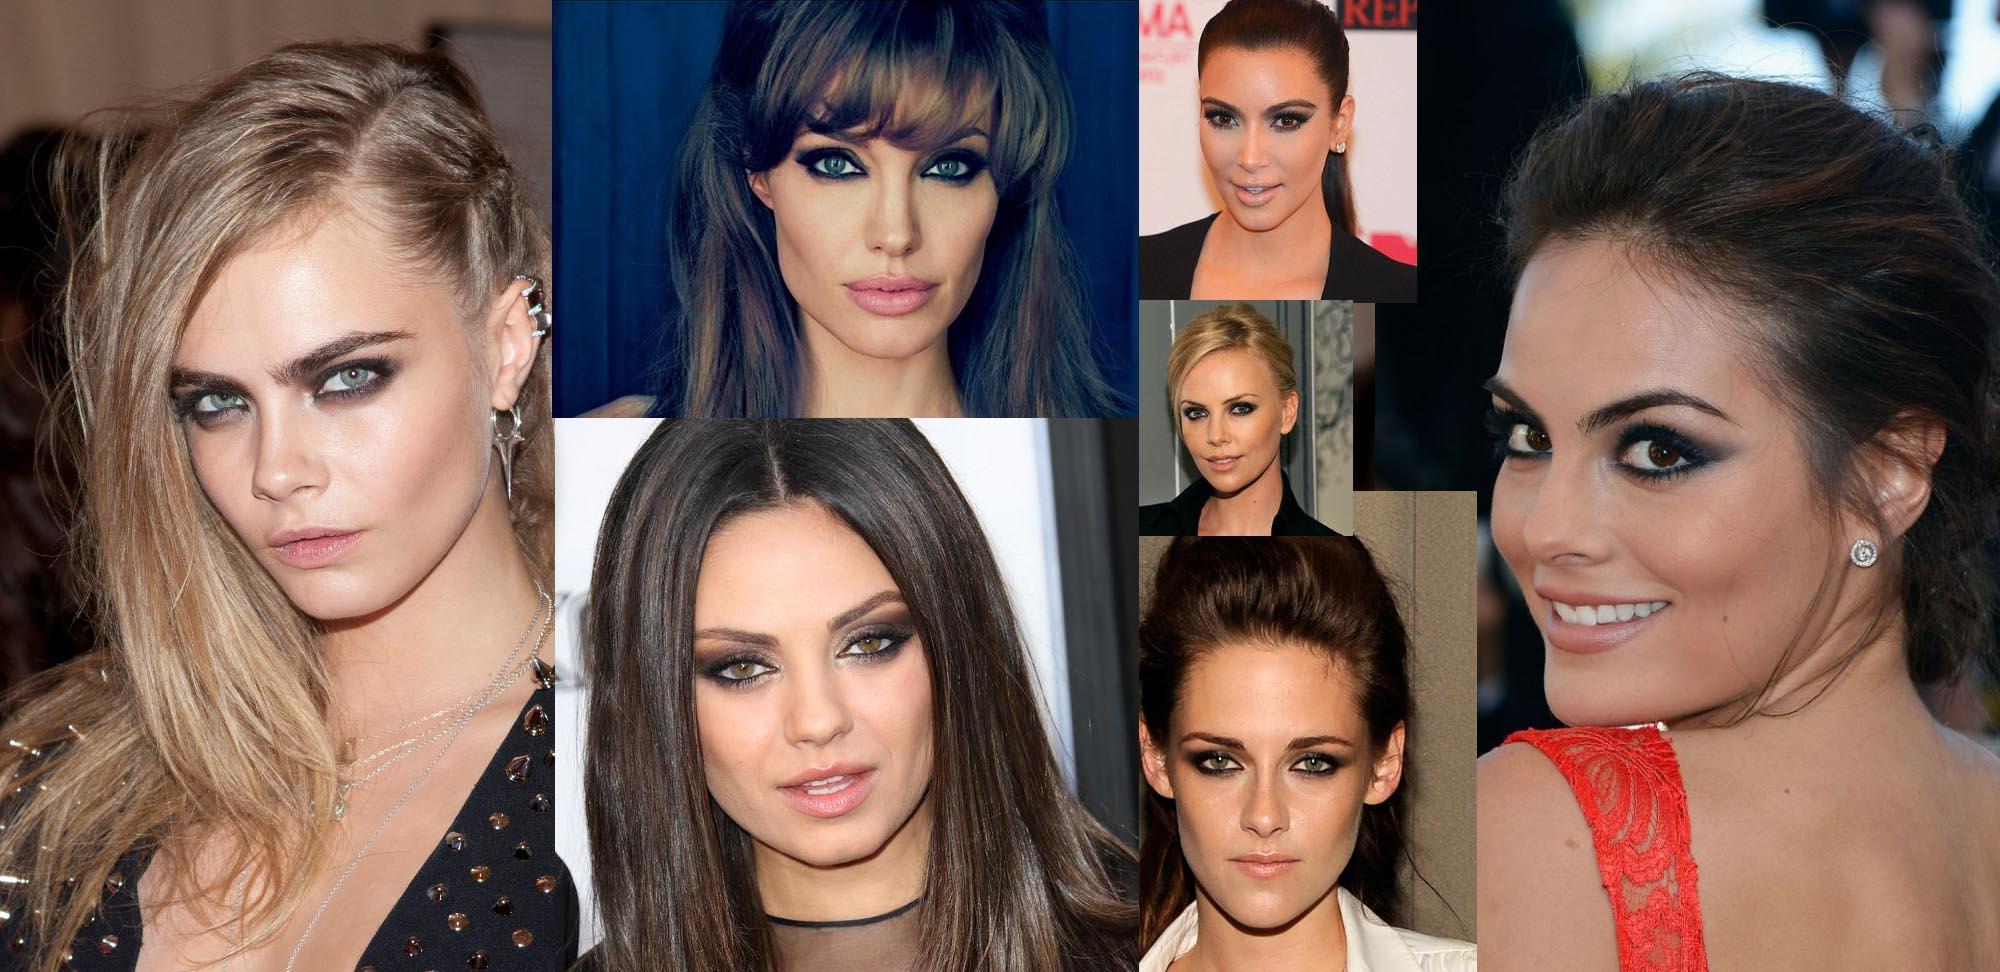 Celeb makeup